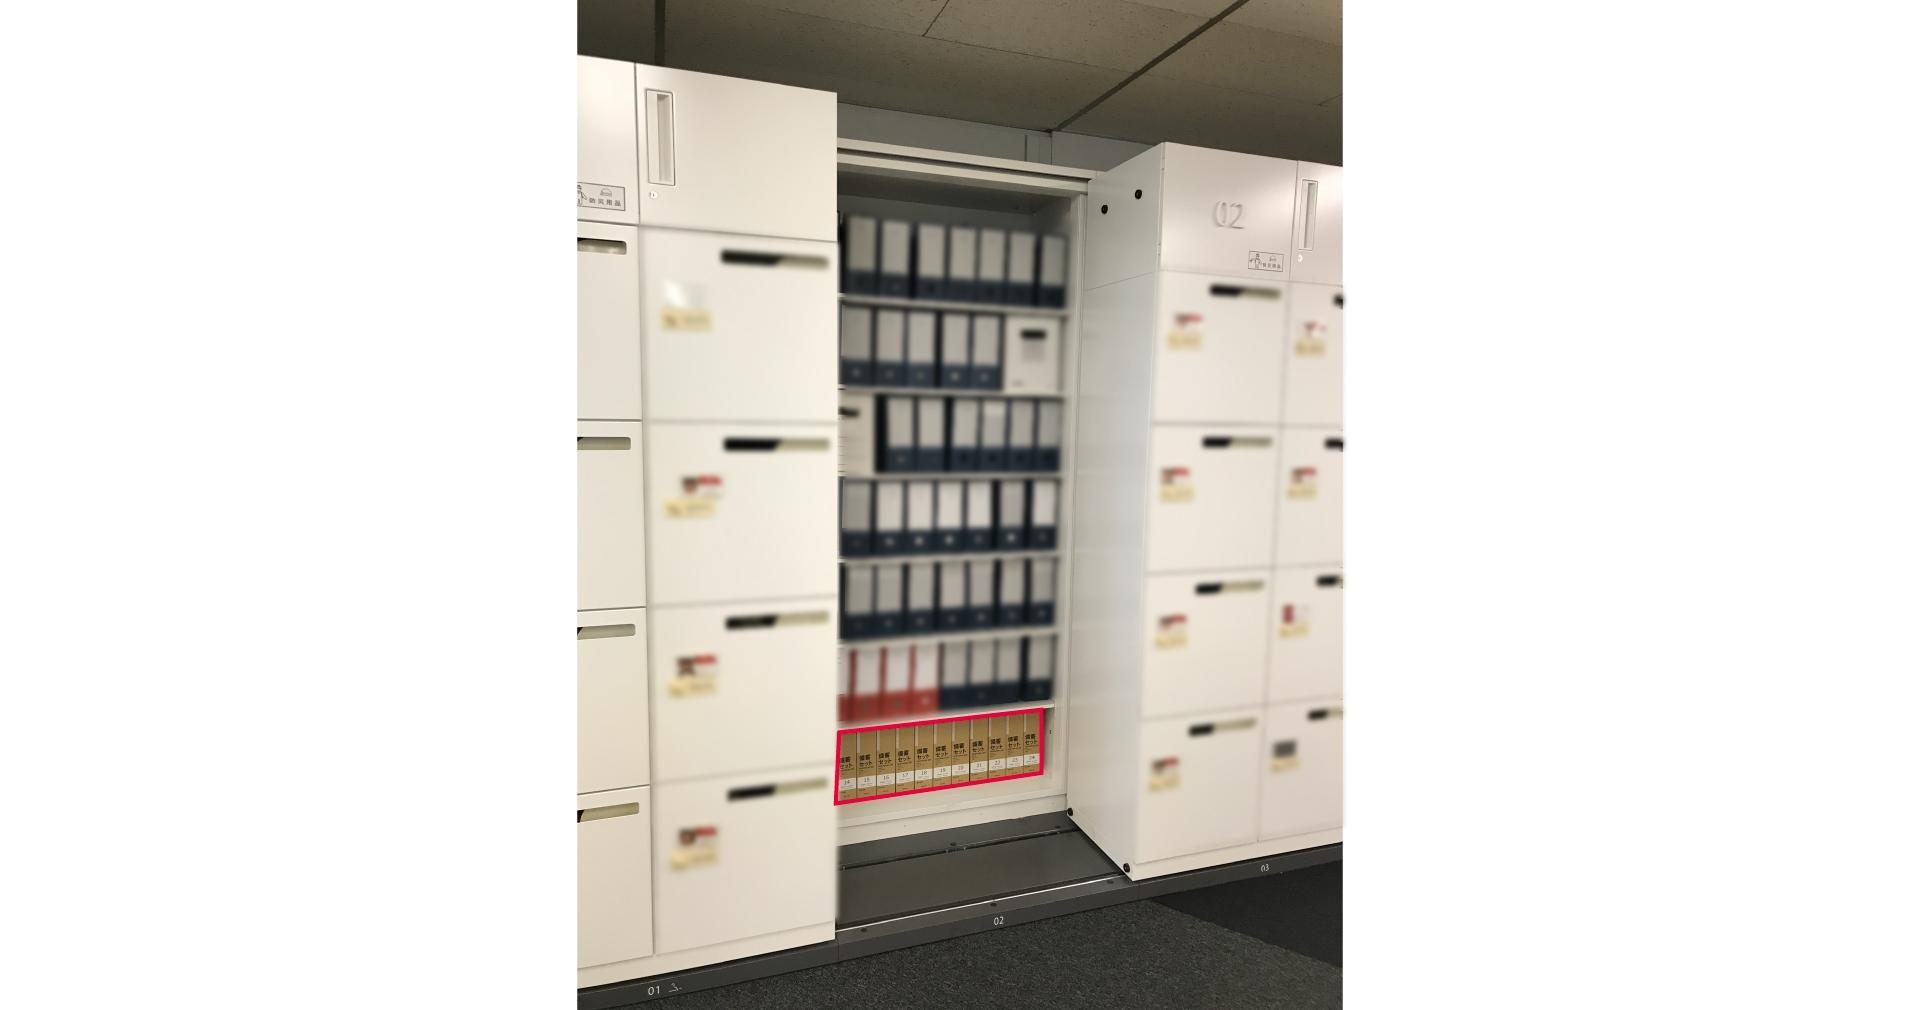 収納庫の最下段に防災用品を備蓄